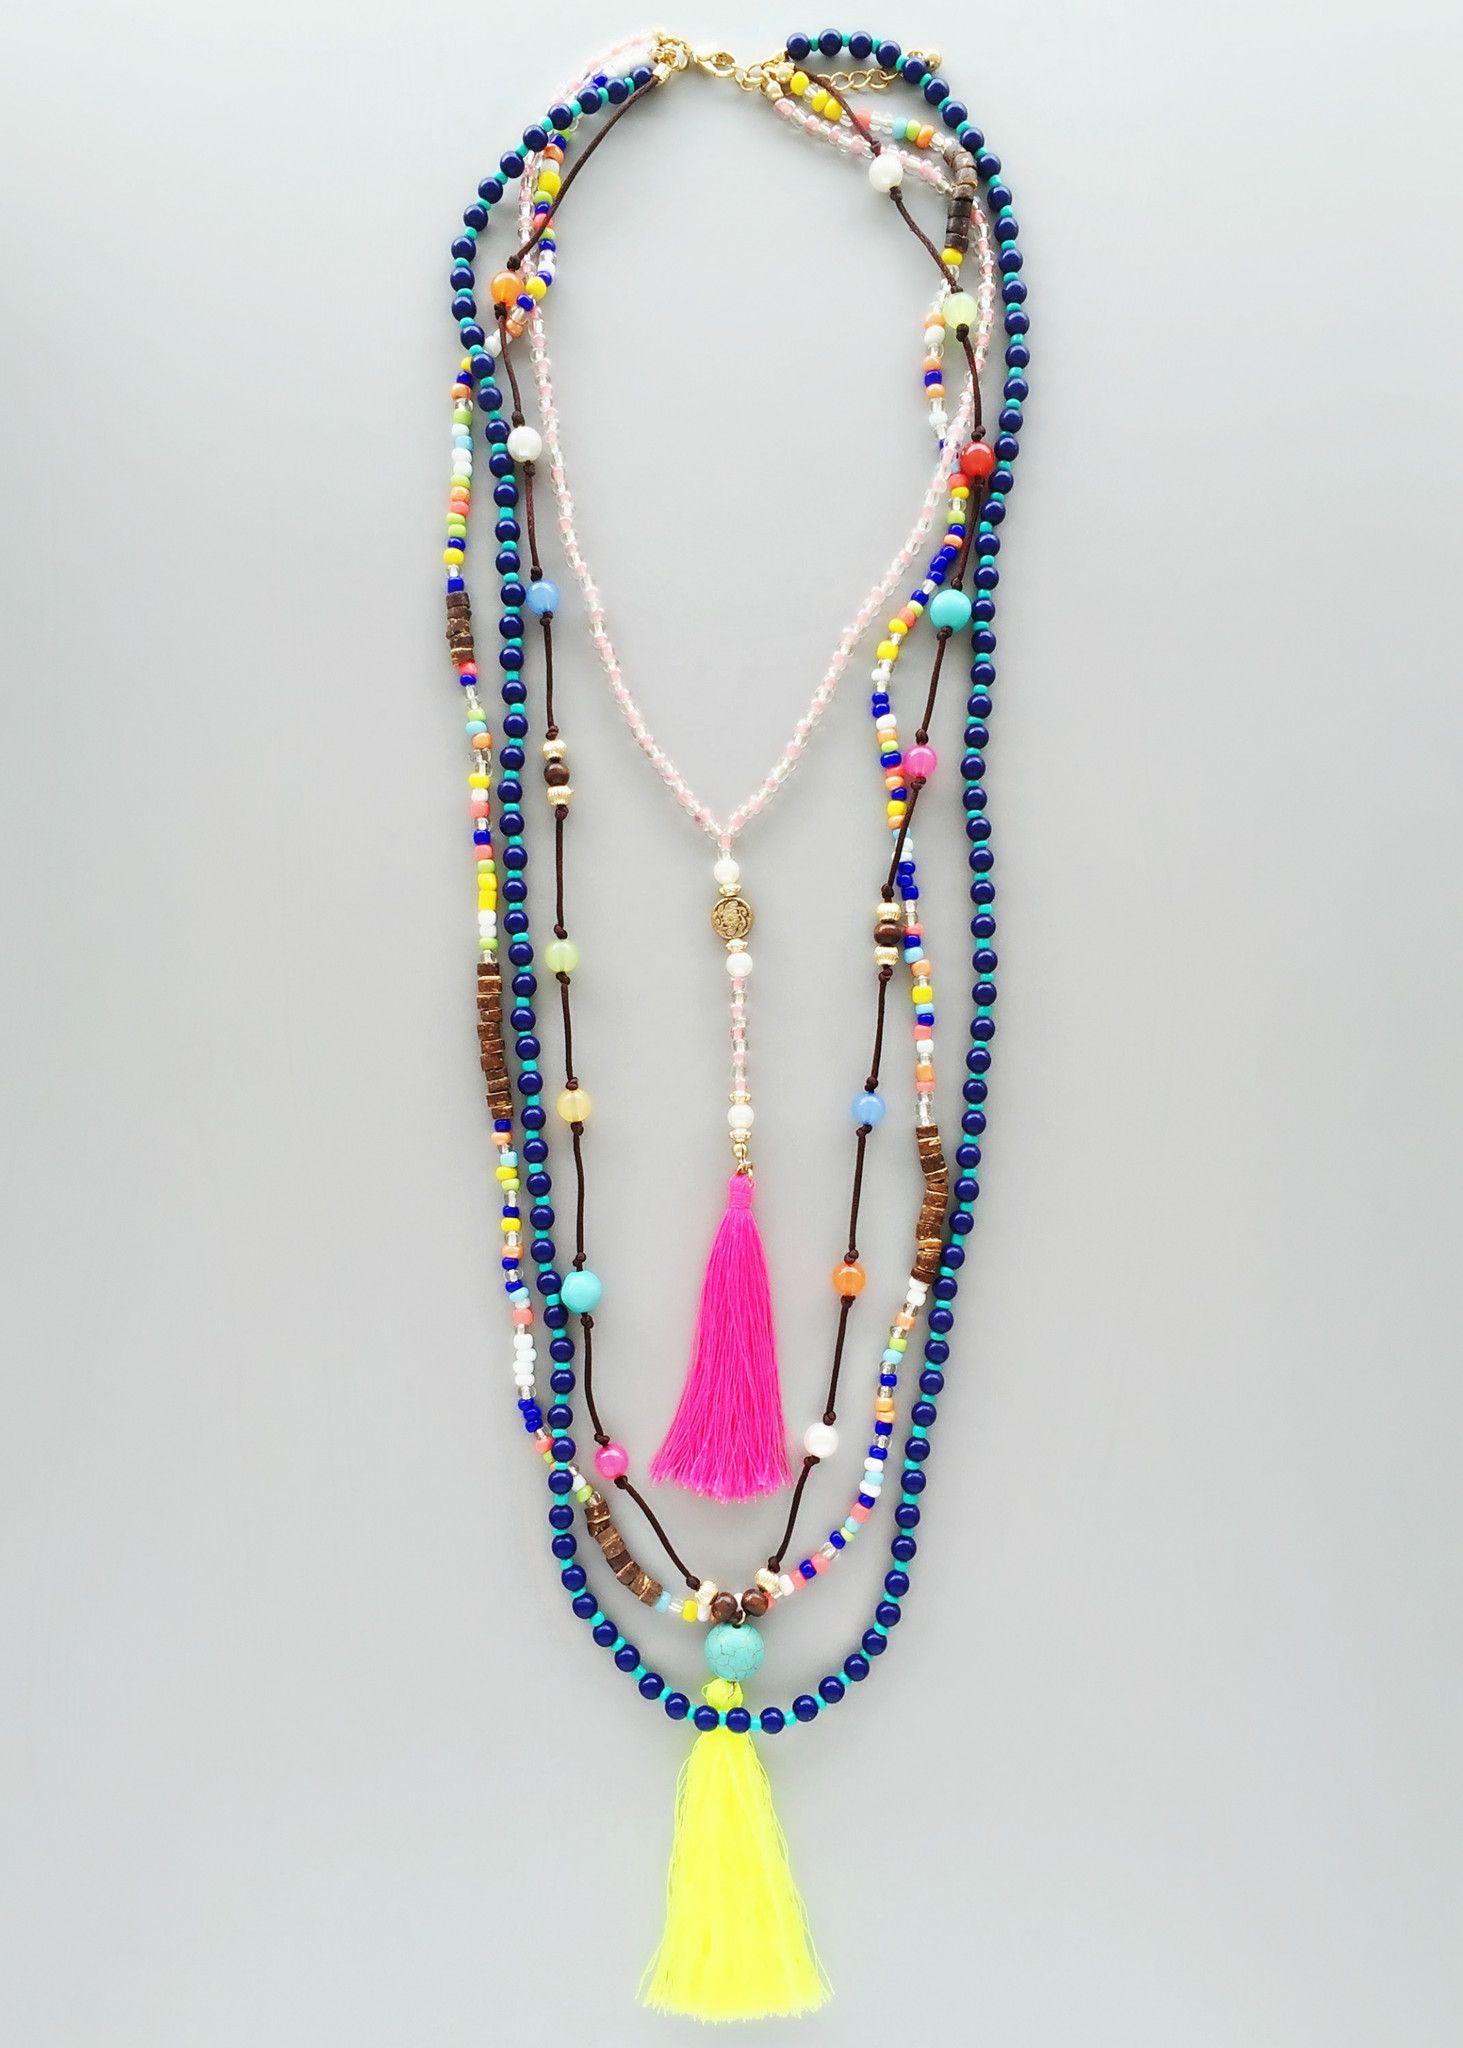 f4a9e922c96 Bijoux tendance 2019 - BIJOUX FANTAISIE - Chic bijoux